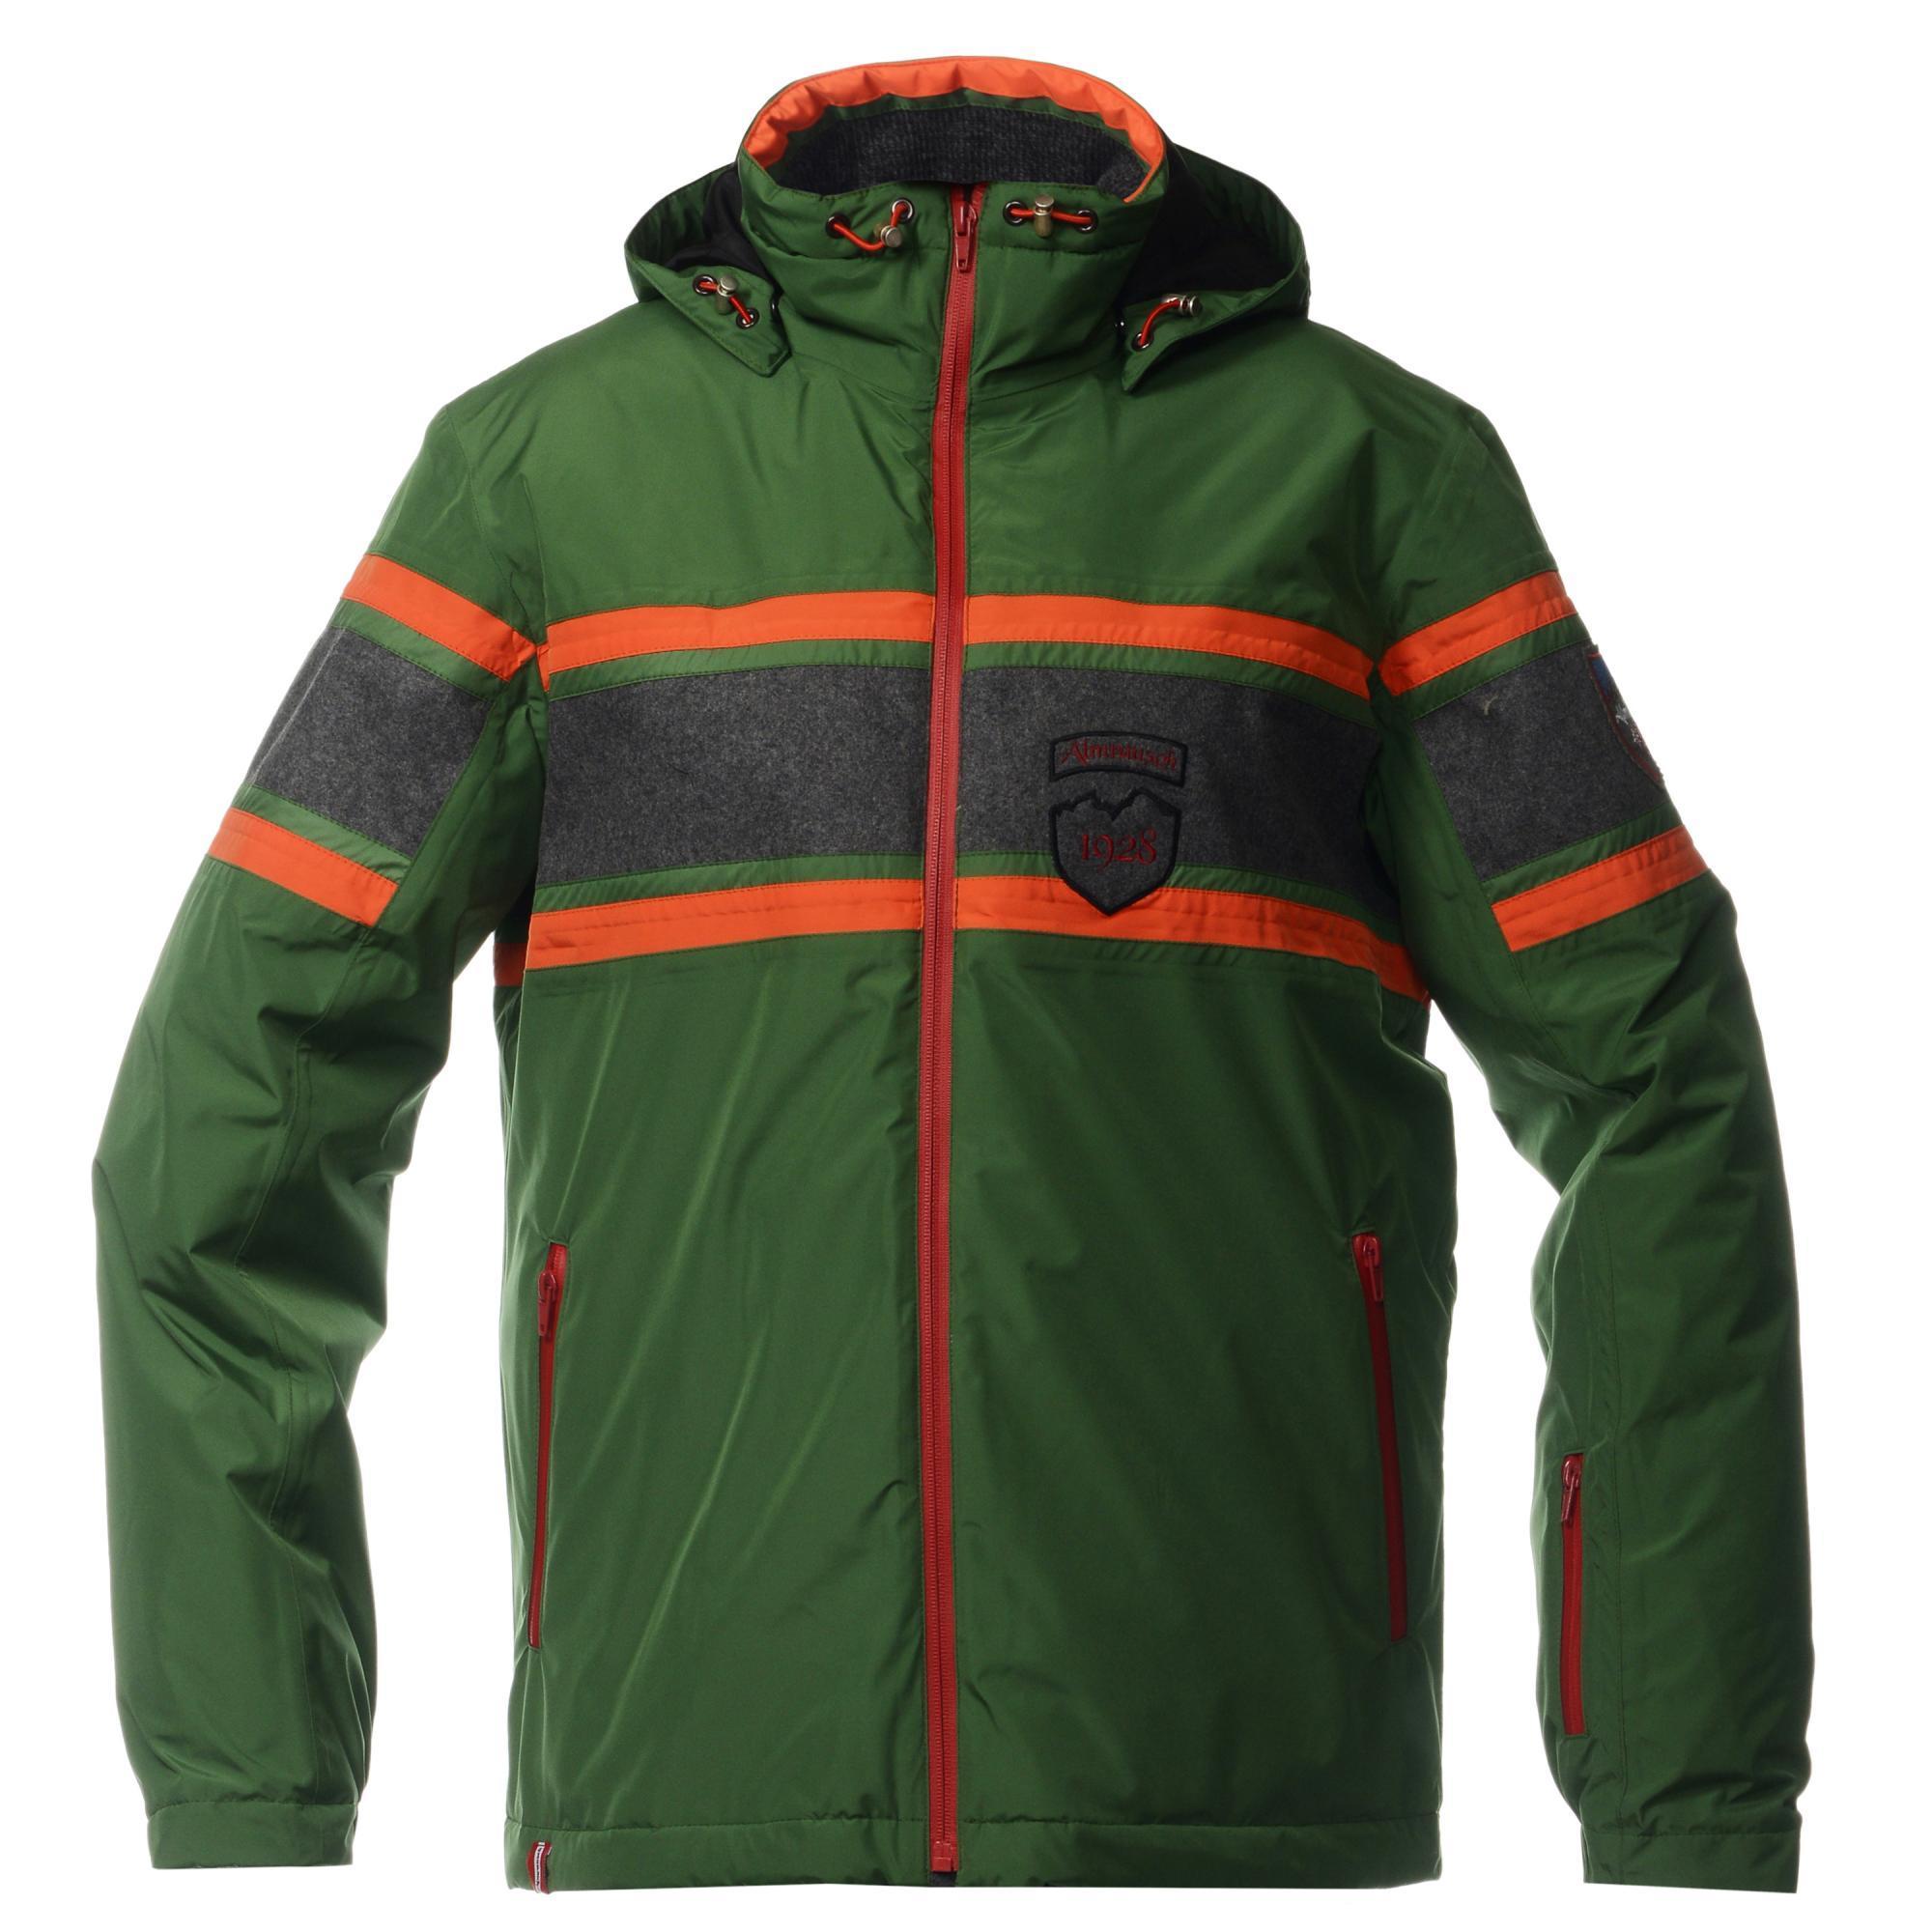 Мужская горнолыжная куртка Almrausch Staad 320103-5405 зеленая фото